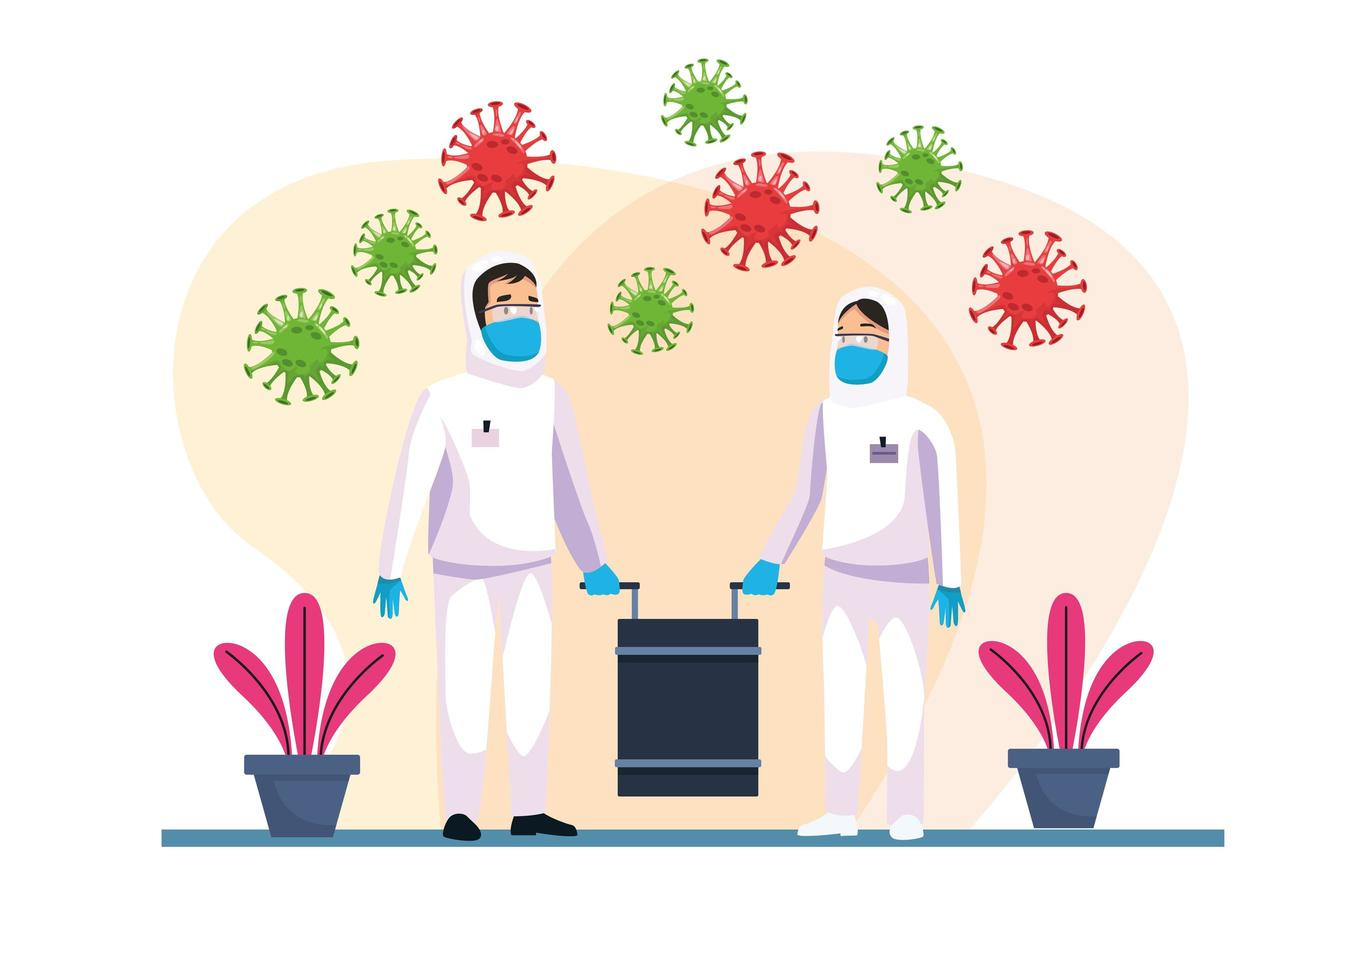 pessoas de limpeza de risco biológico com covid19 vetor